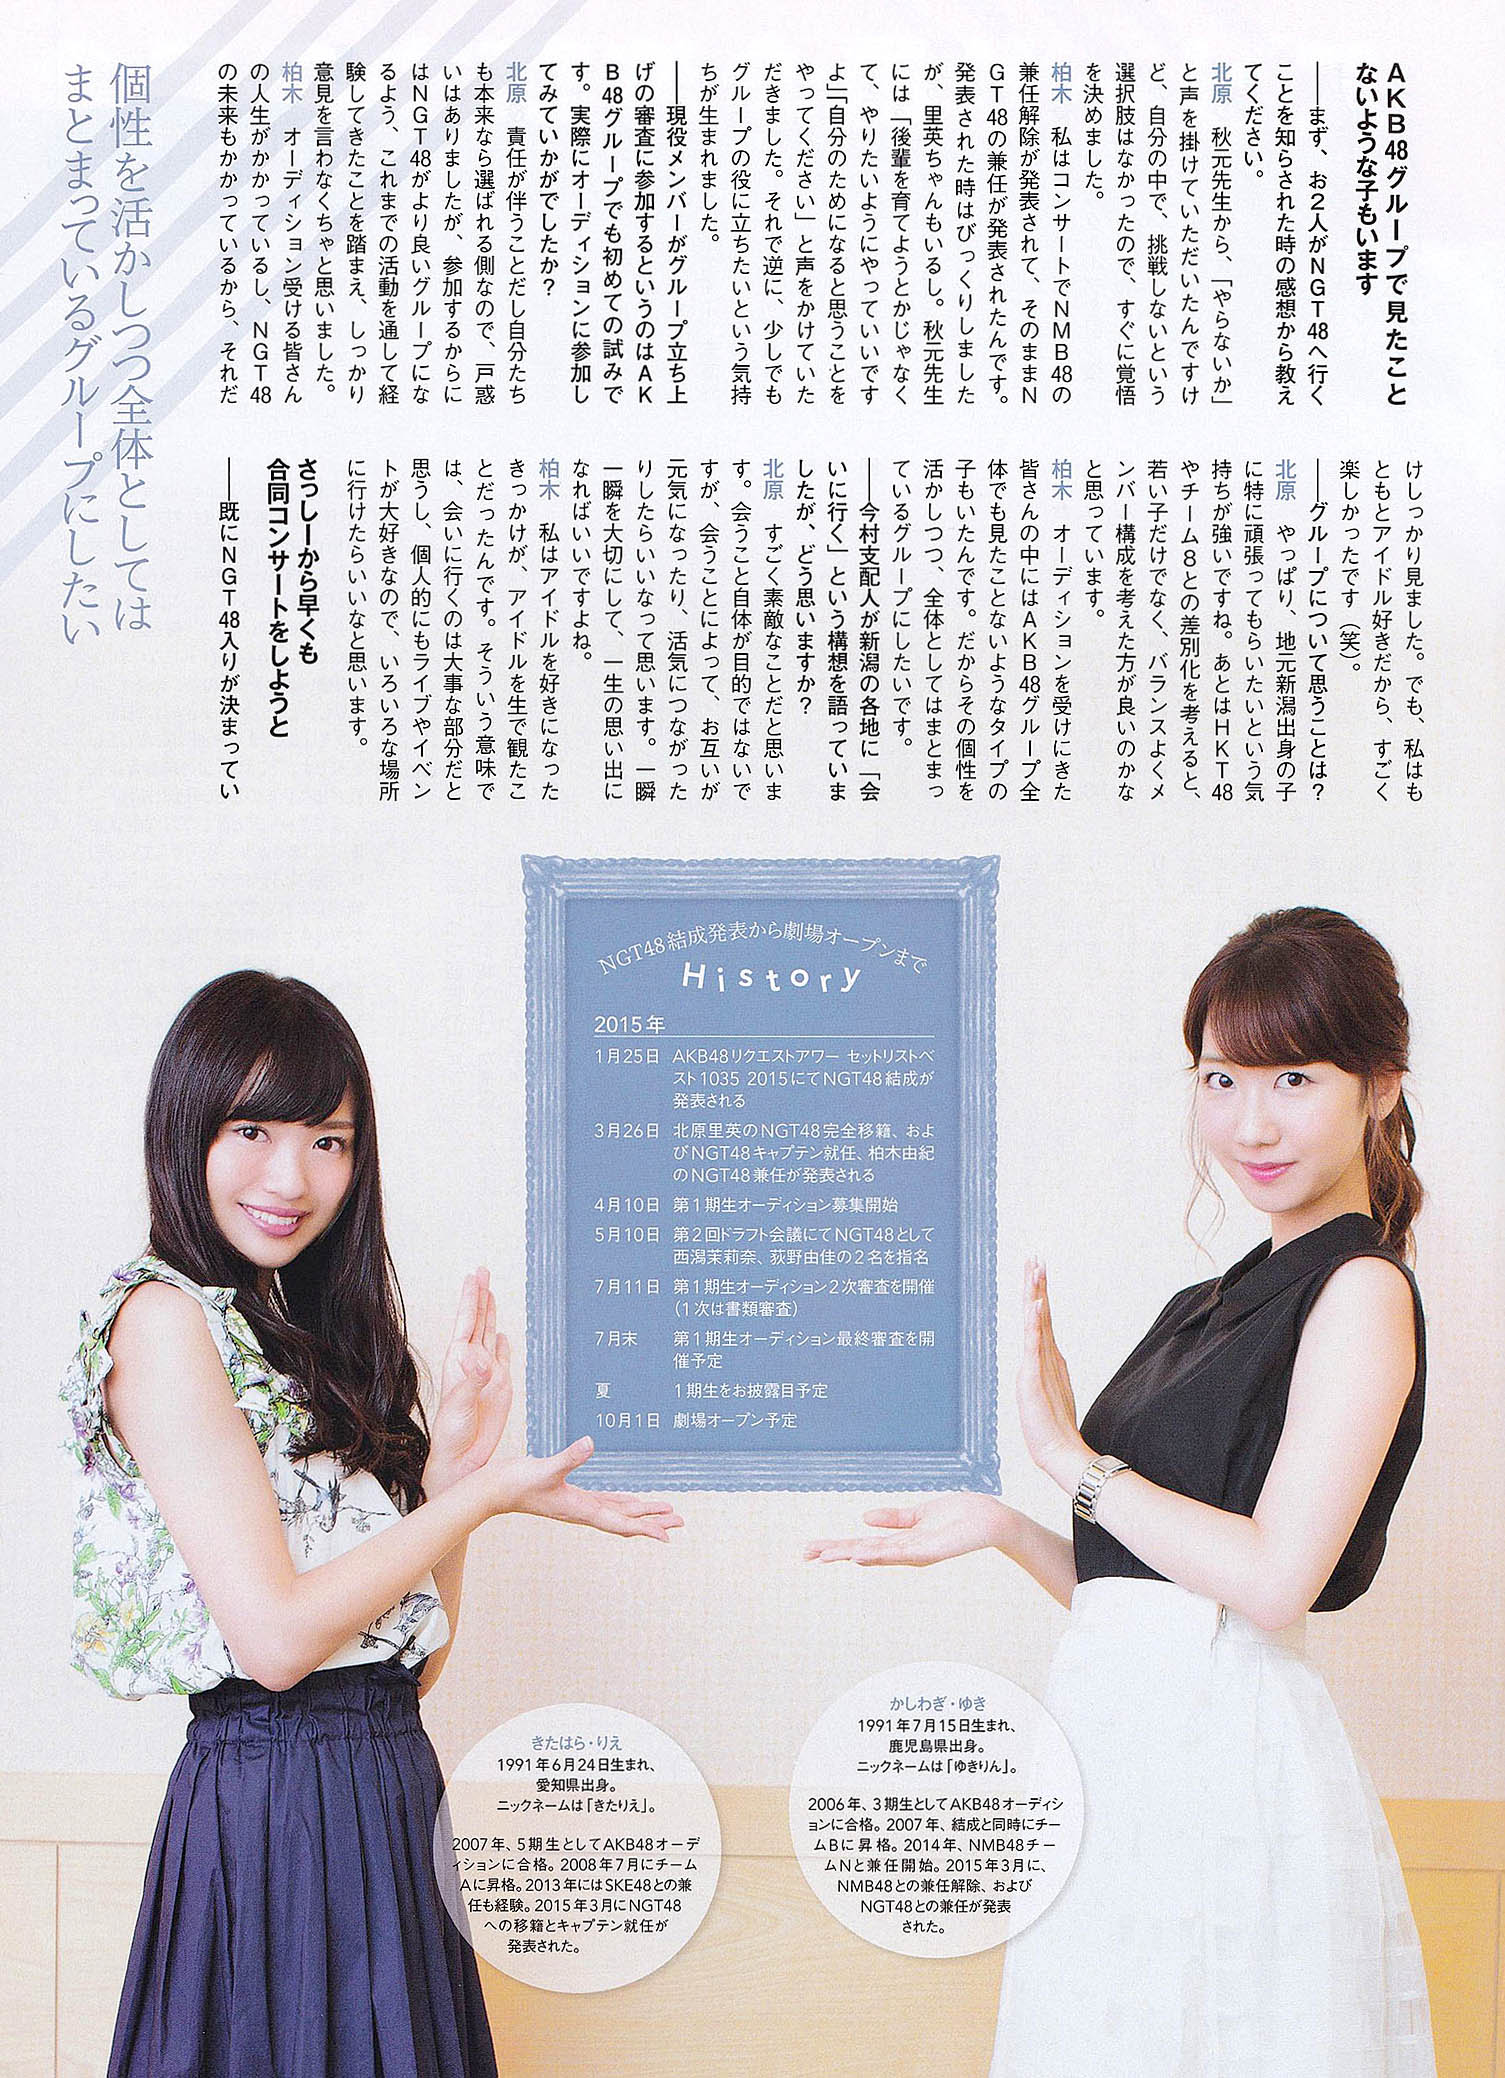 YKashiwagi RKitahara EnTame 1509 02.jpg